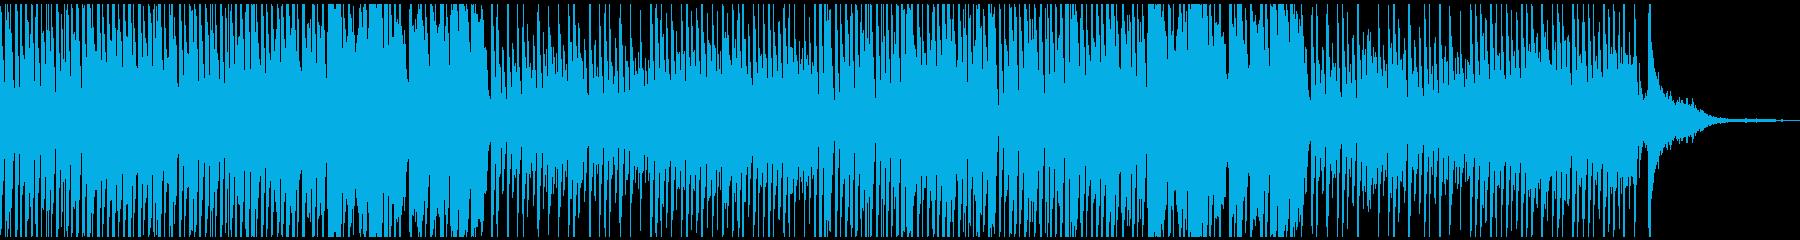 おしゃれなBGMかわいいCM コーラス抜の再生済みの波形